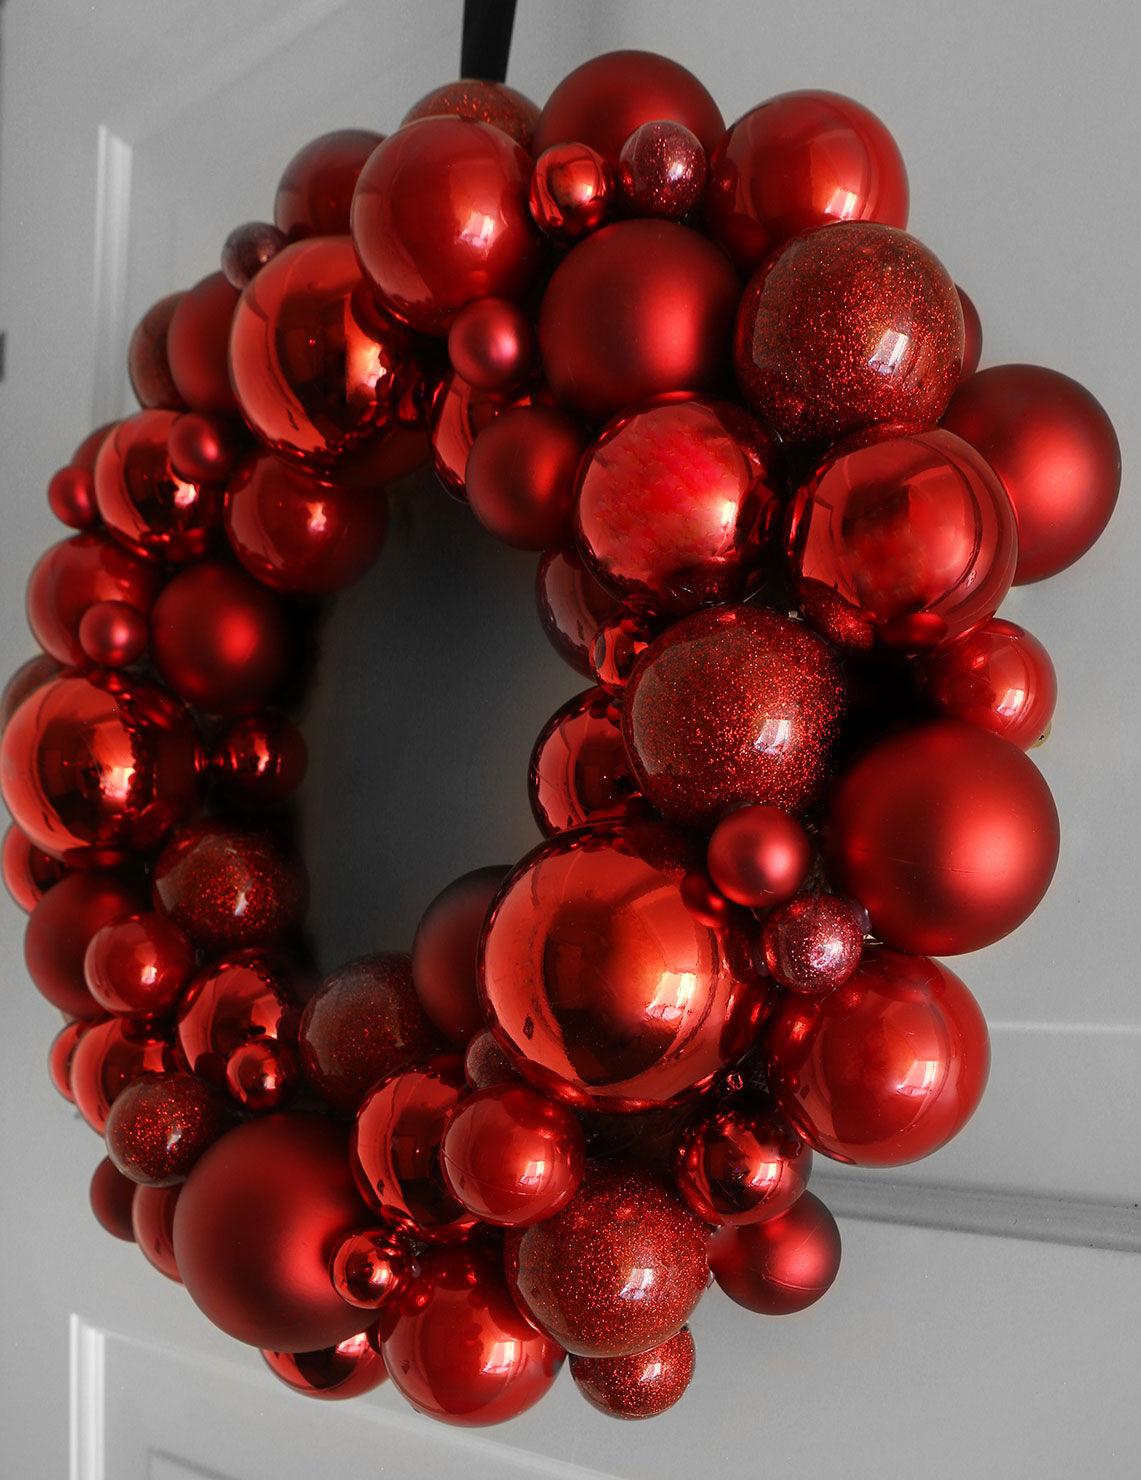 monica-karlstein-hemmafix-julpyssel-pyssel-dorrkrans-jul-julgranskulor